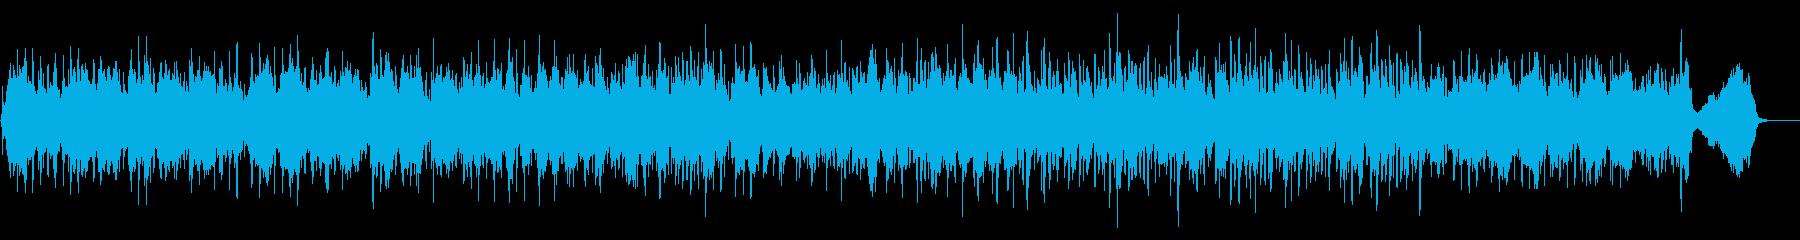 CMやVPに 会社紹介系格式オーケストラの再生済みの波形